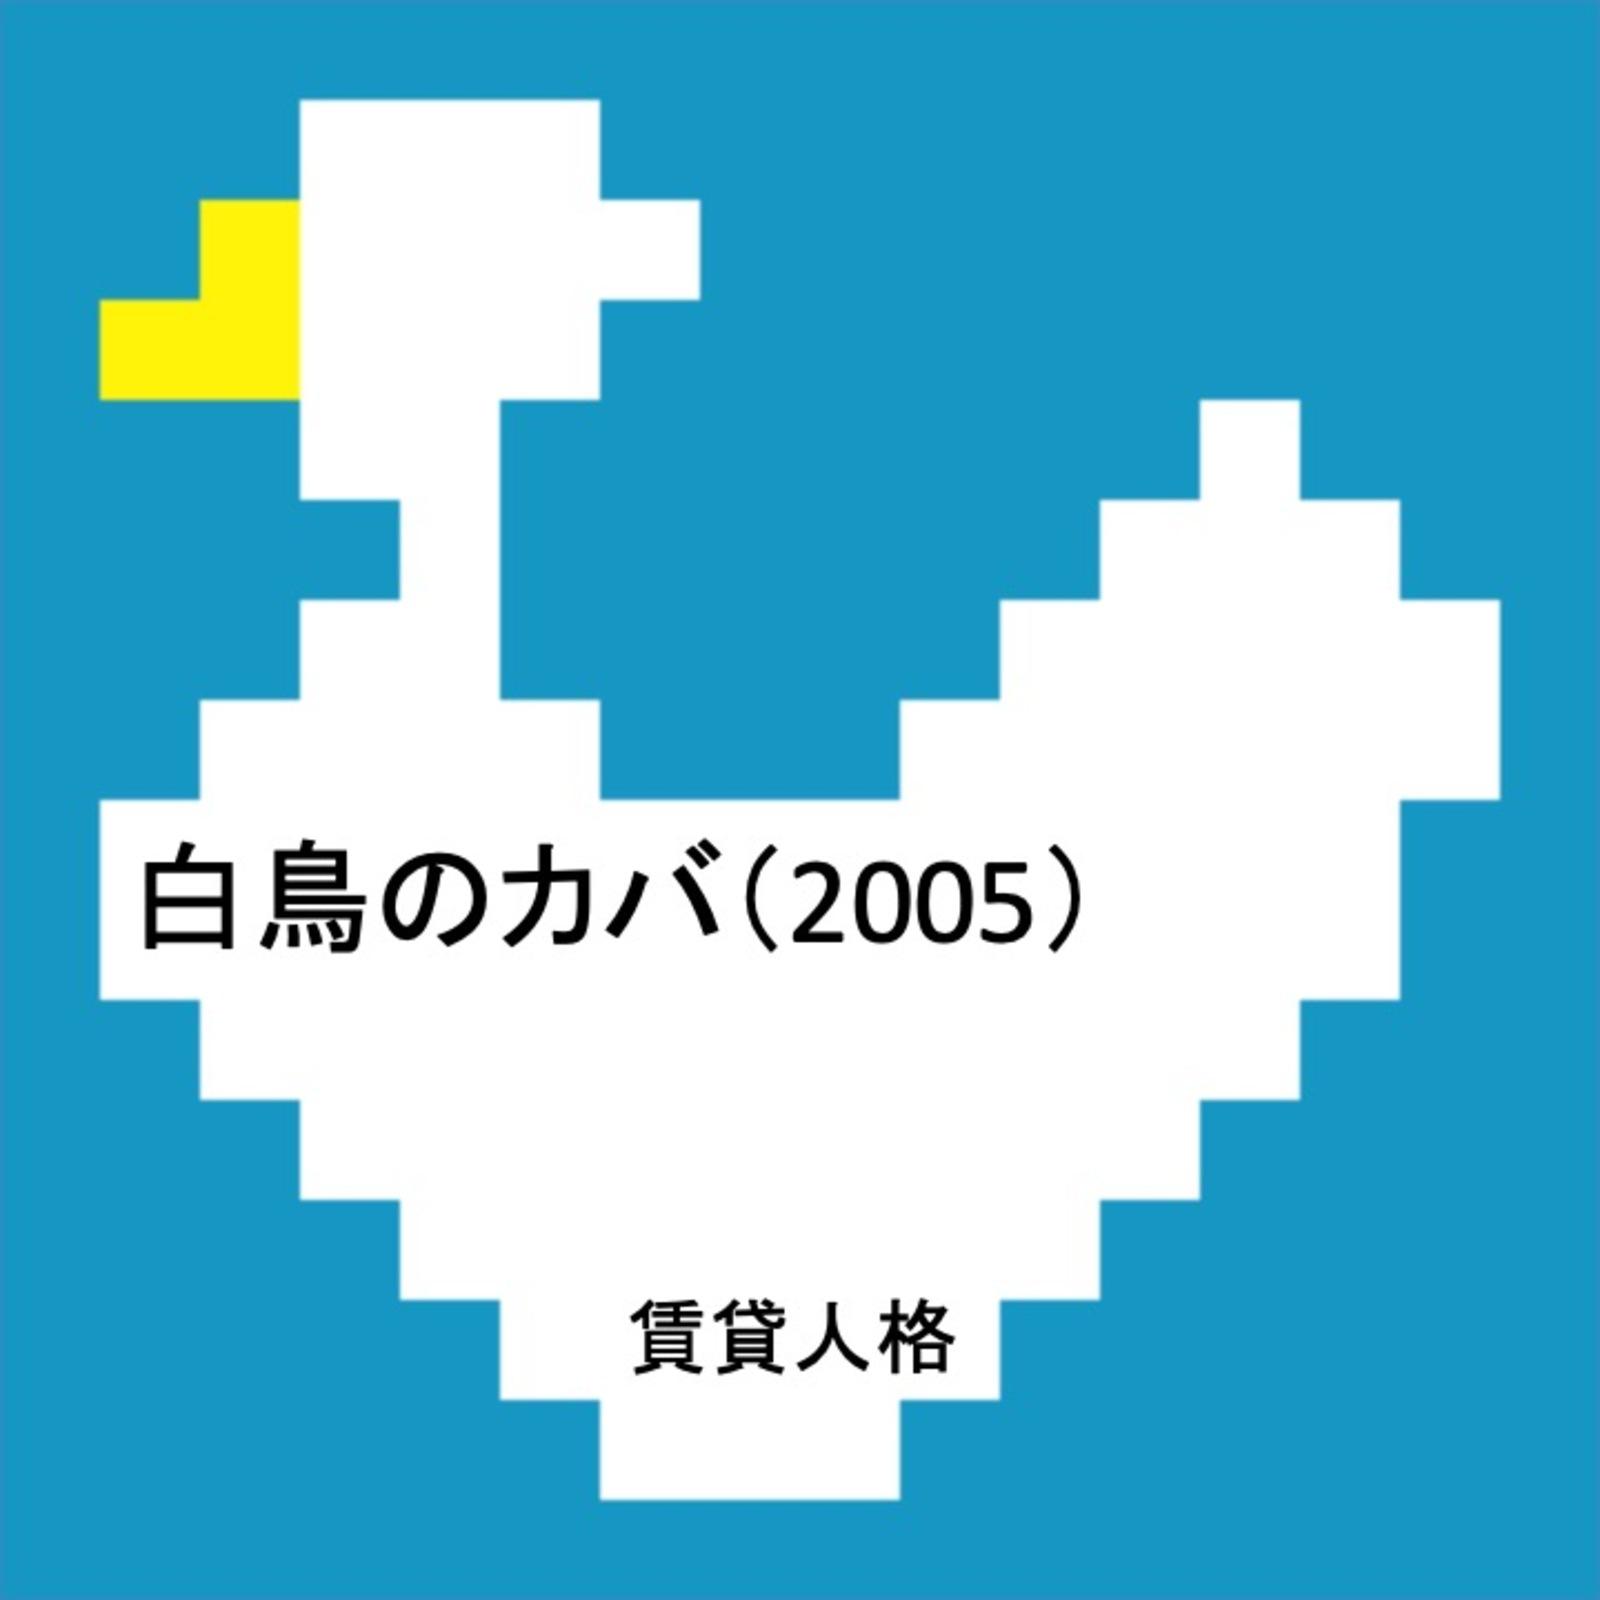 D8981440348010d1d4483781ac73417e.jpg?sr.dw=286&sr